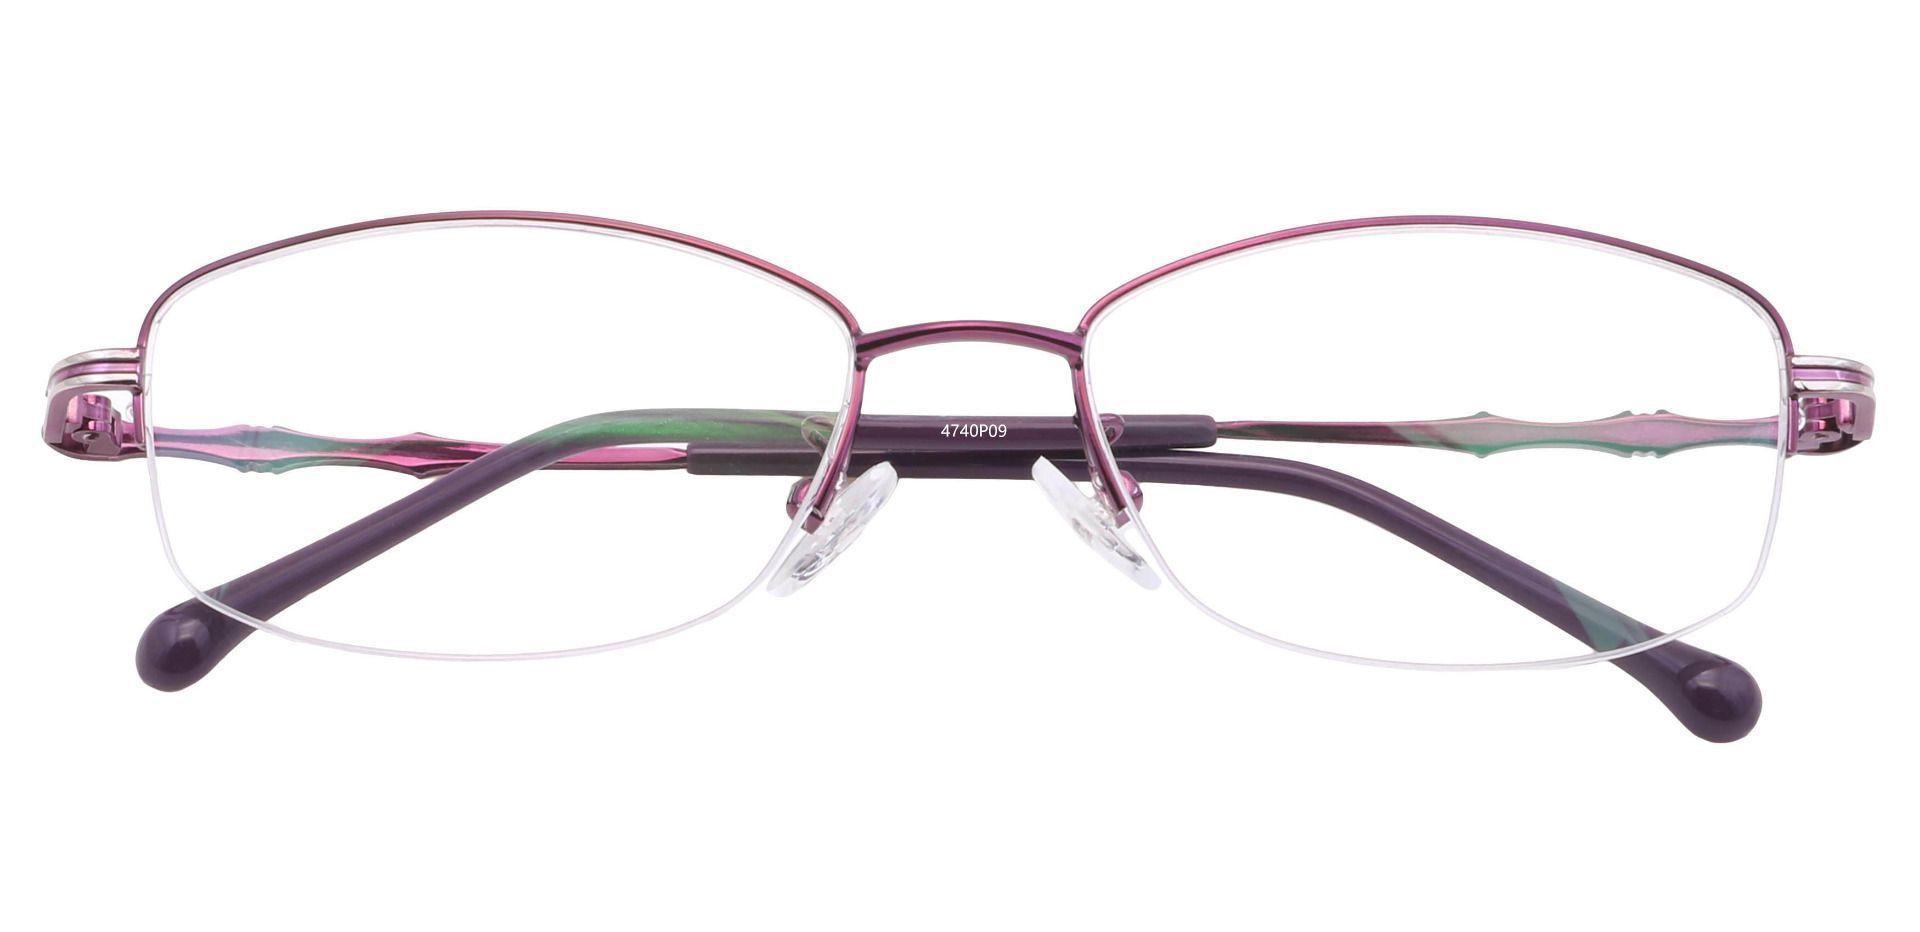 Alva Oval Prescription Glasses - Purple